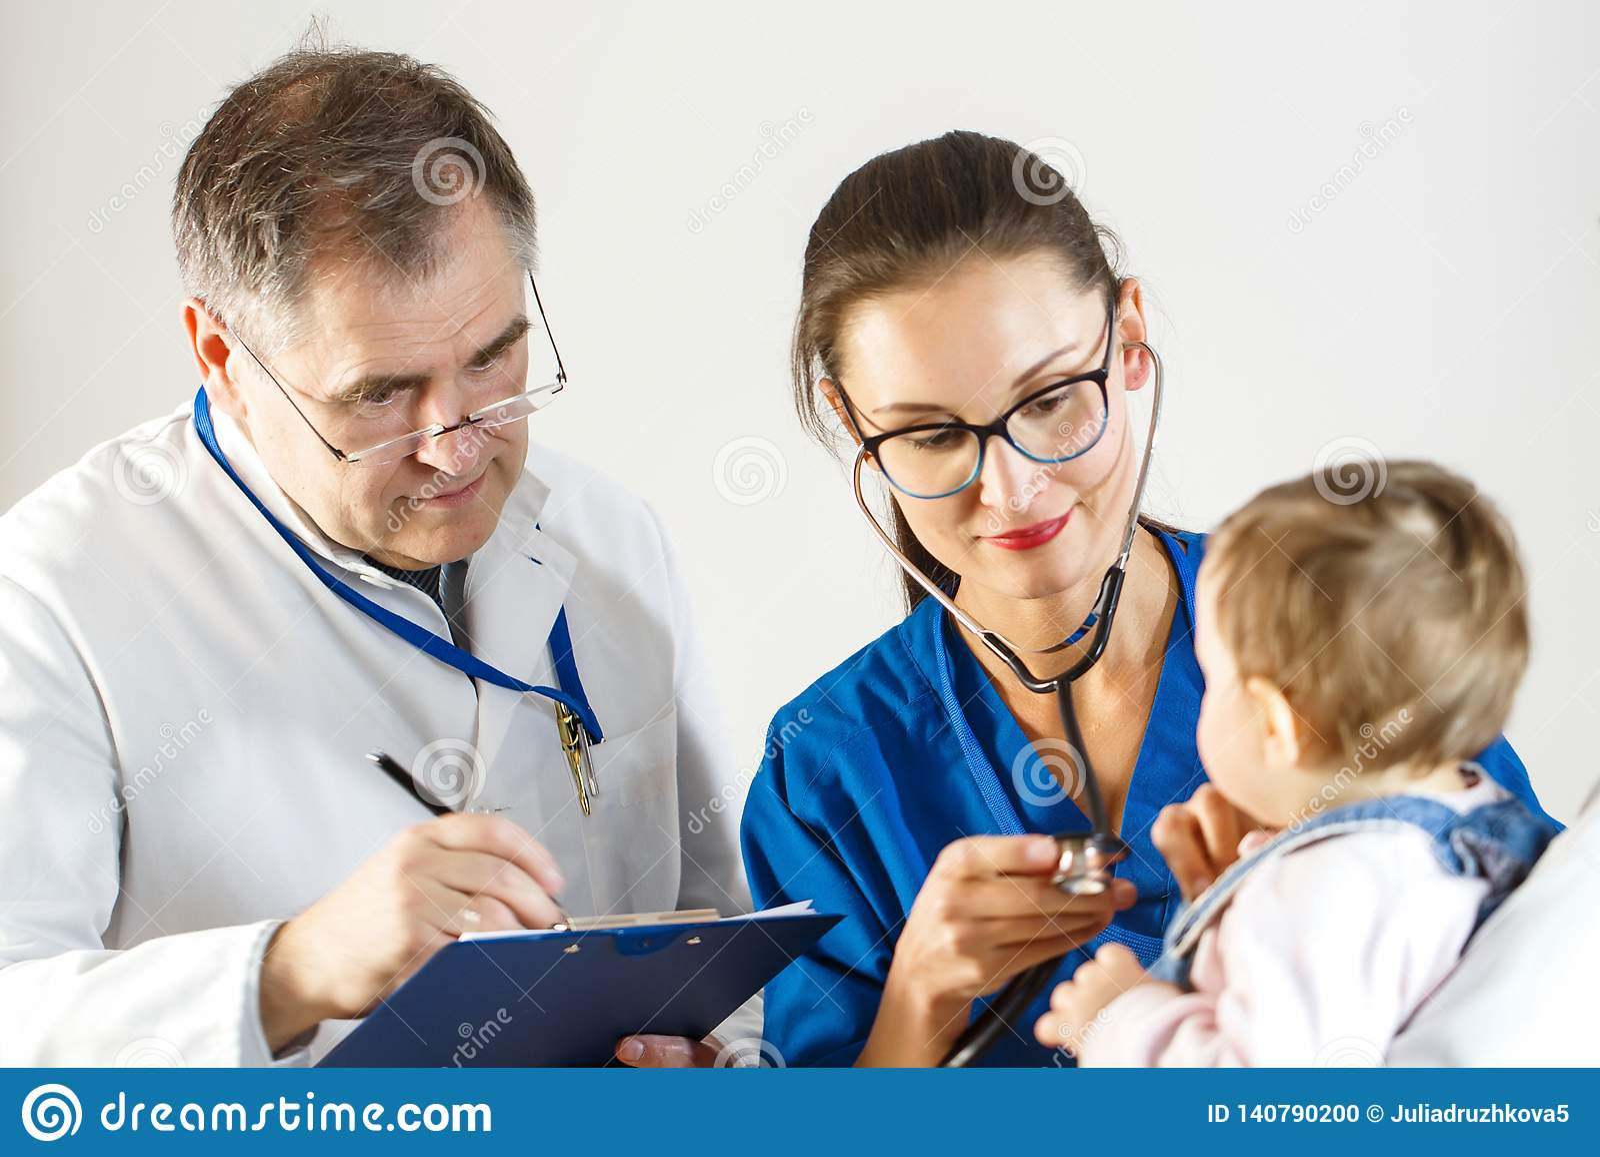 Dos doctores examinan un pequeño niño, uno usando un estetoscopio y el otro que toma notas sobre una tarjeta